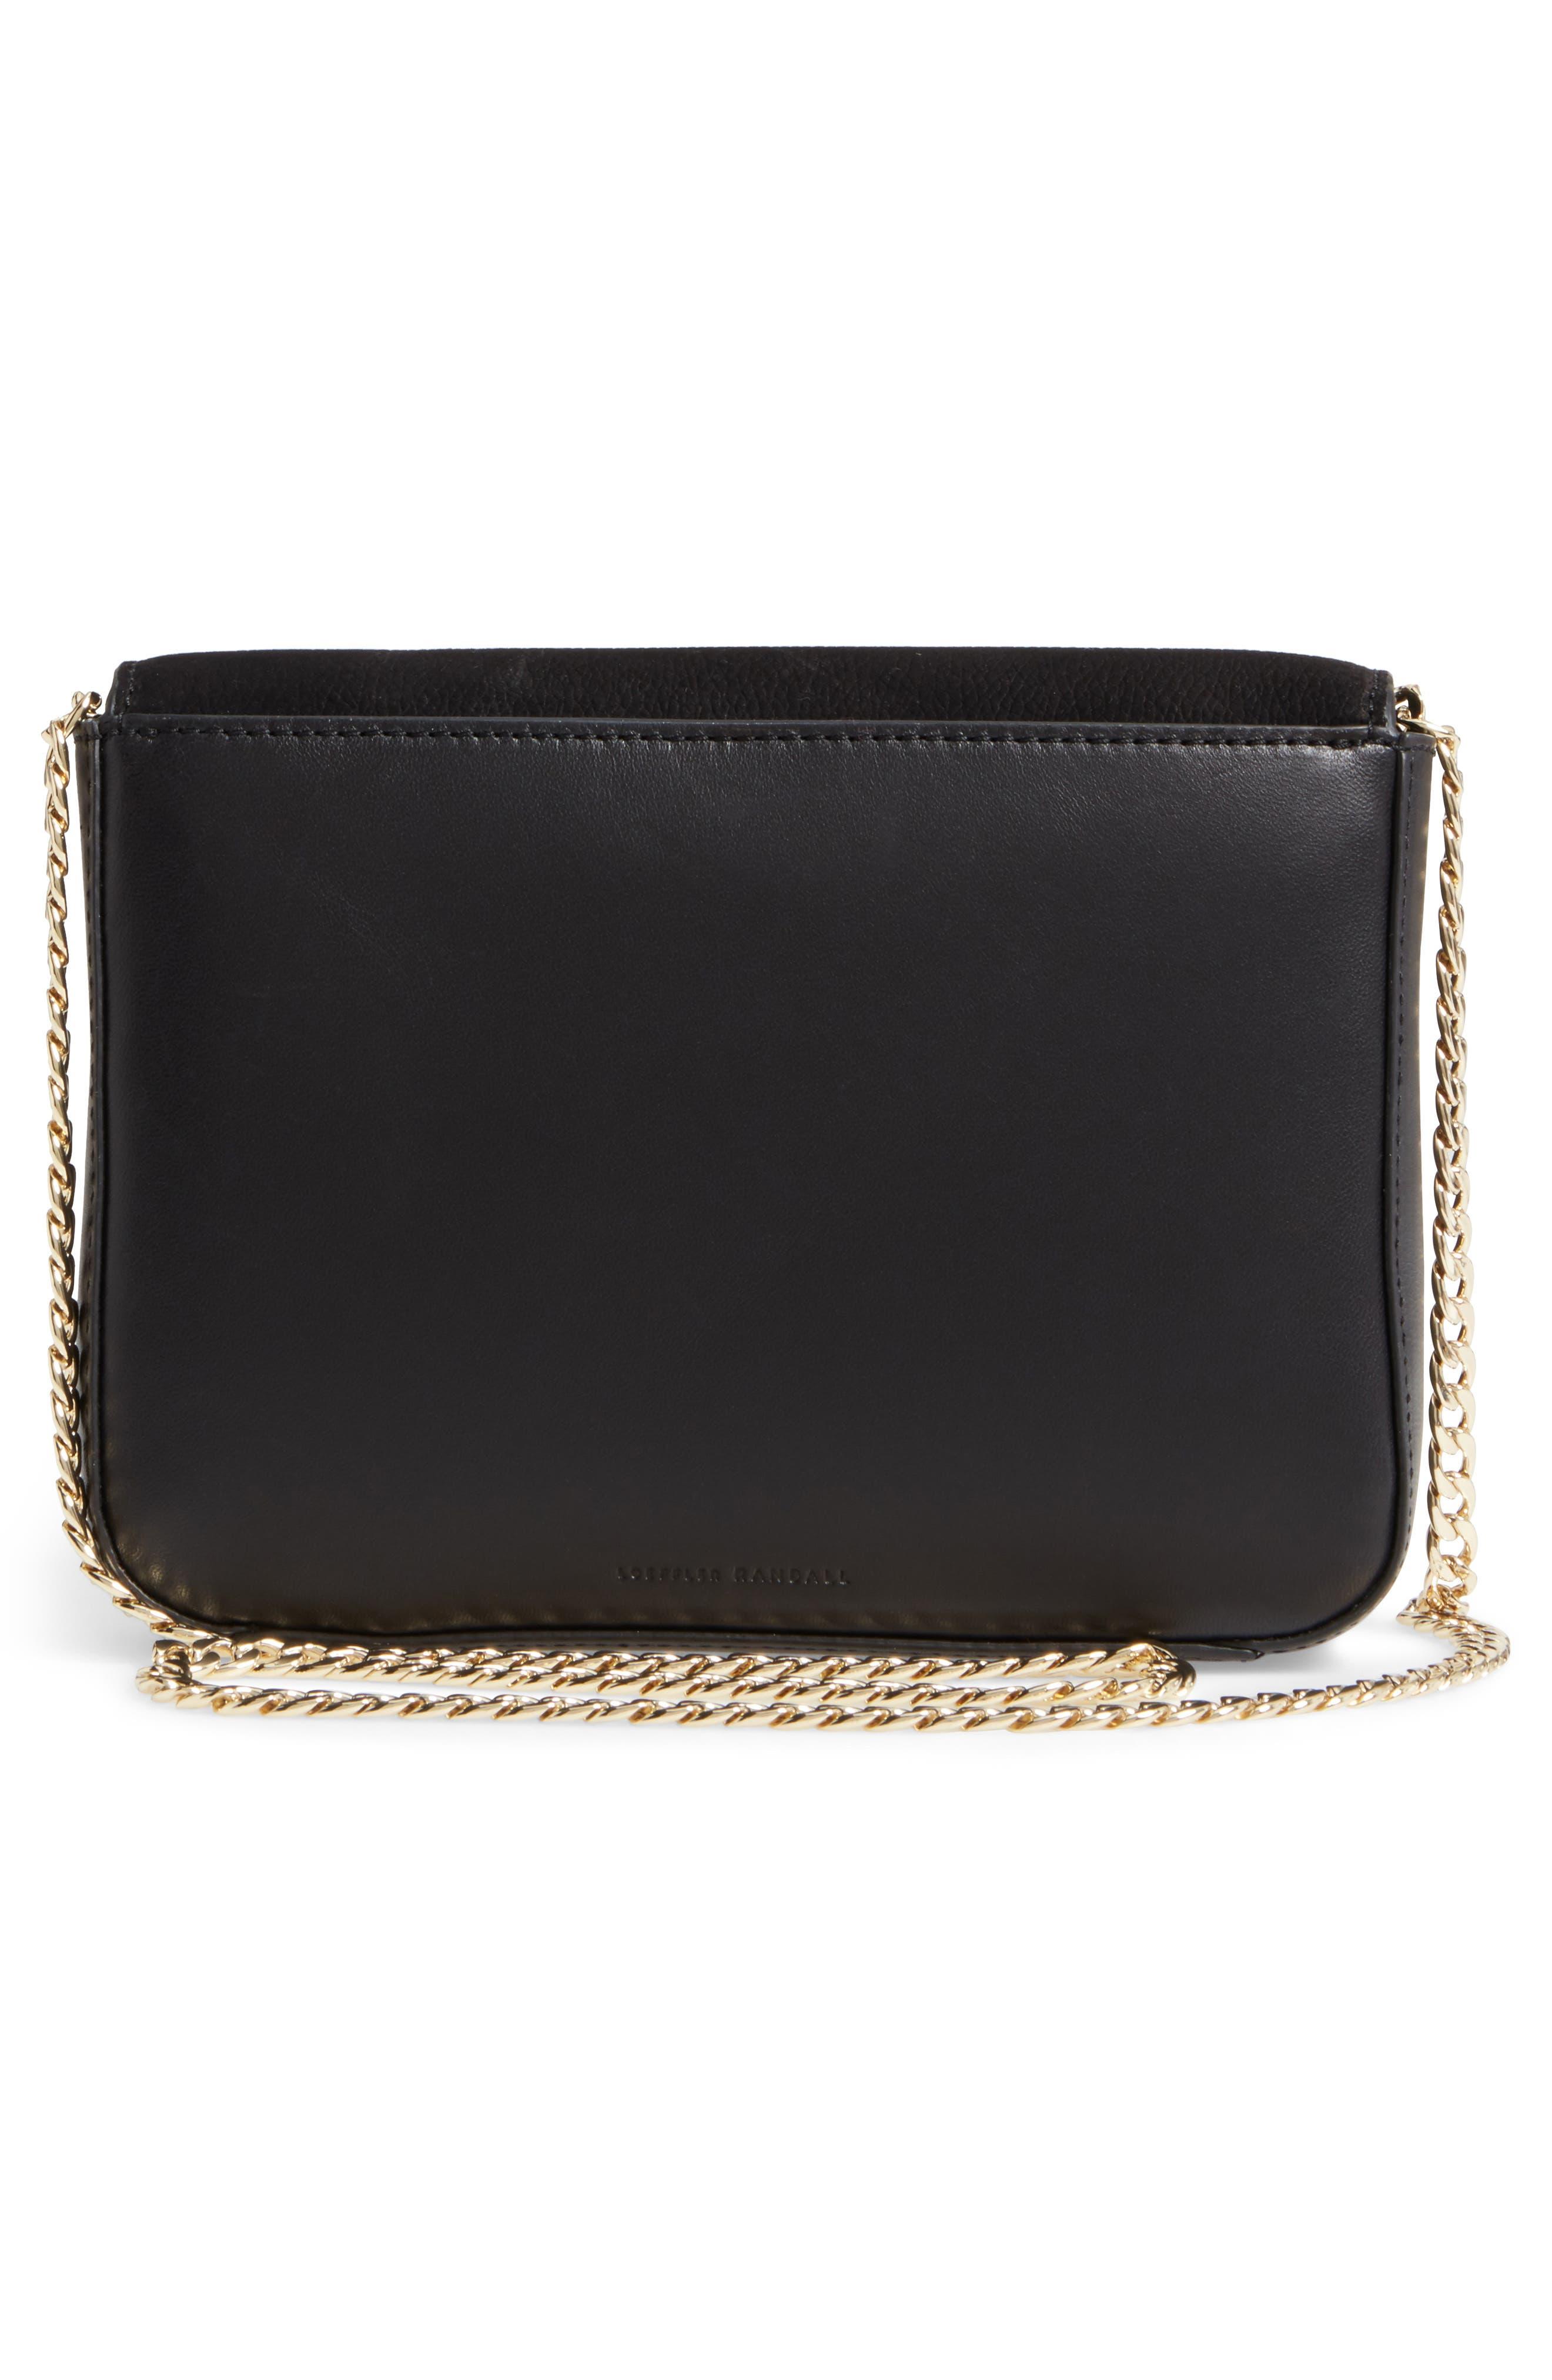 Lock Shoulder Bag,                             Alternate thumbnail 3, color,                             Black